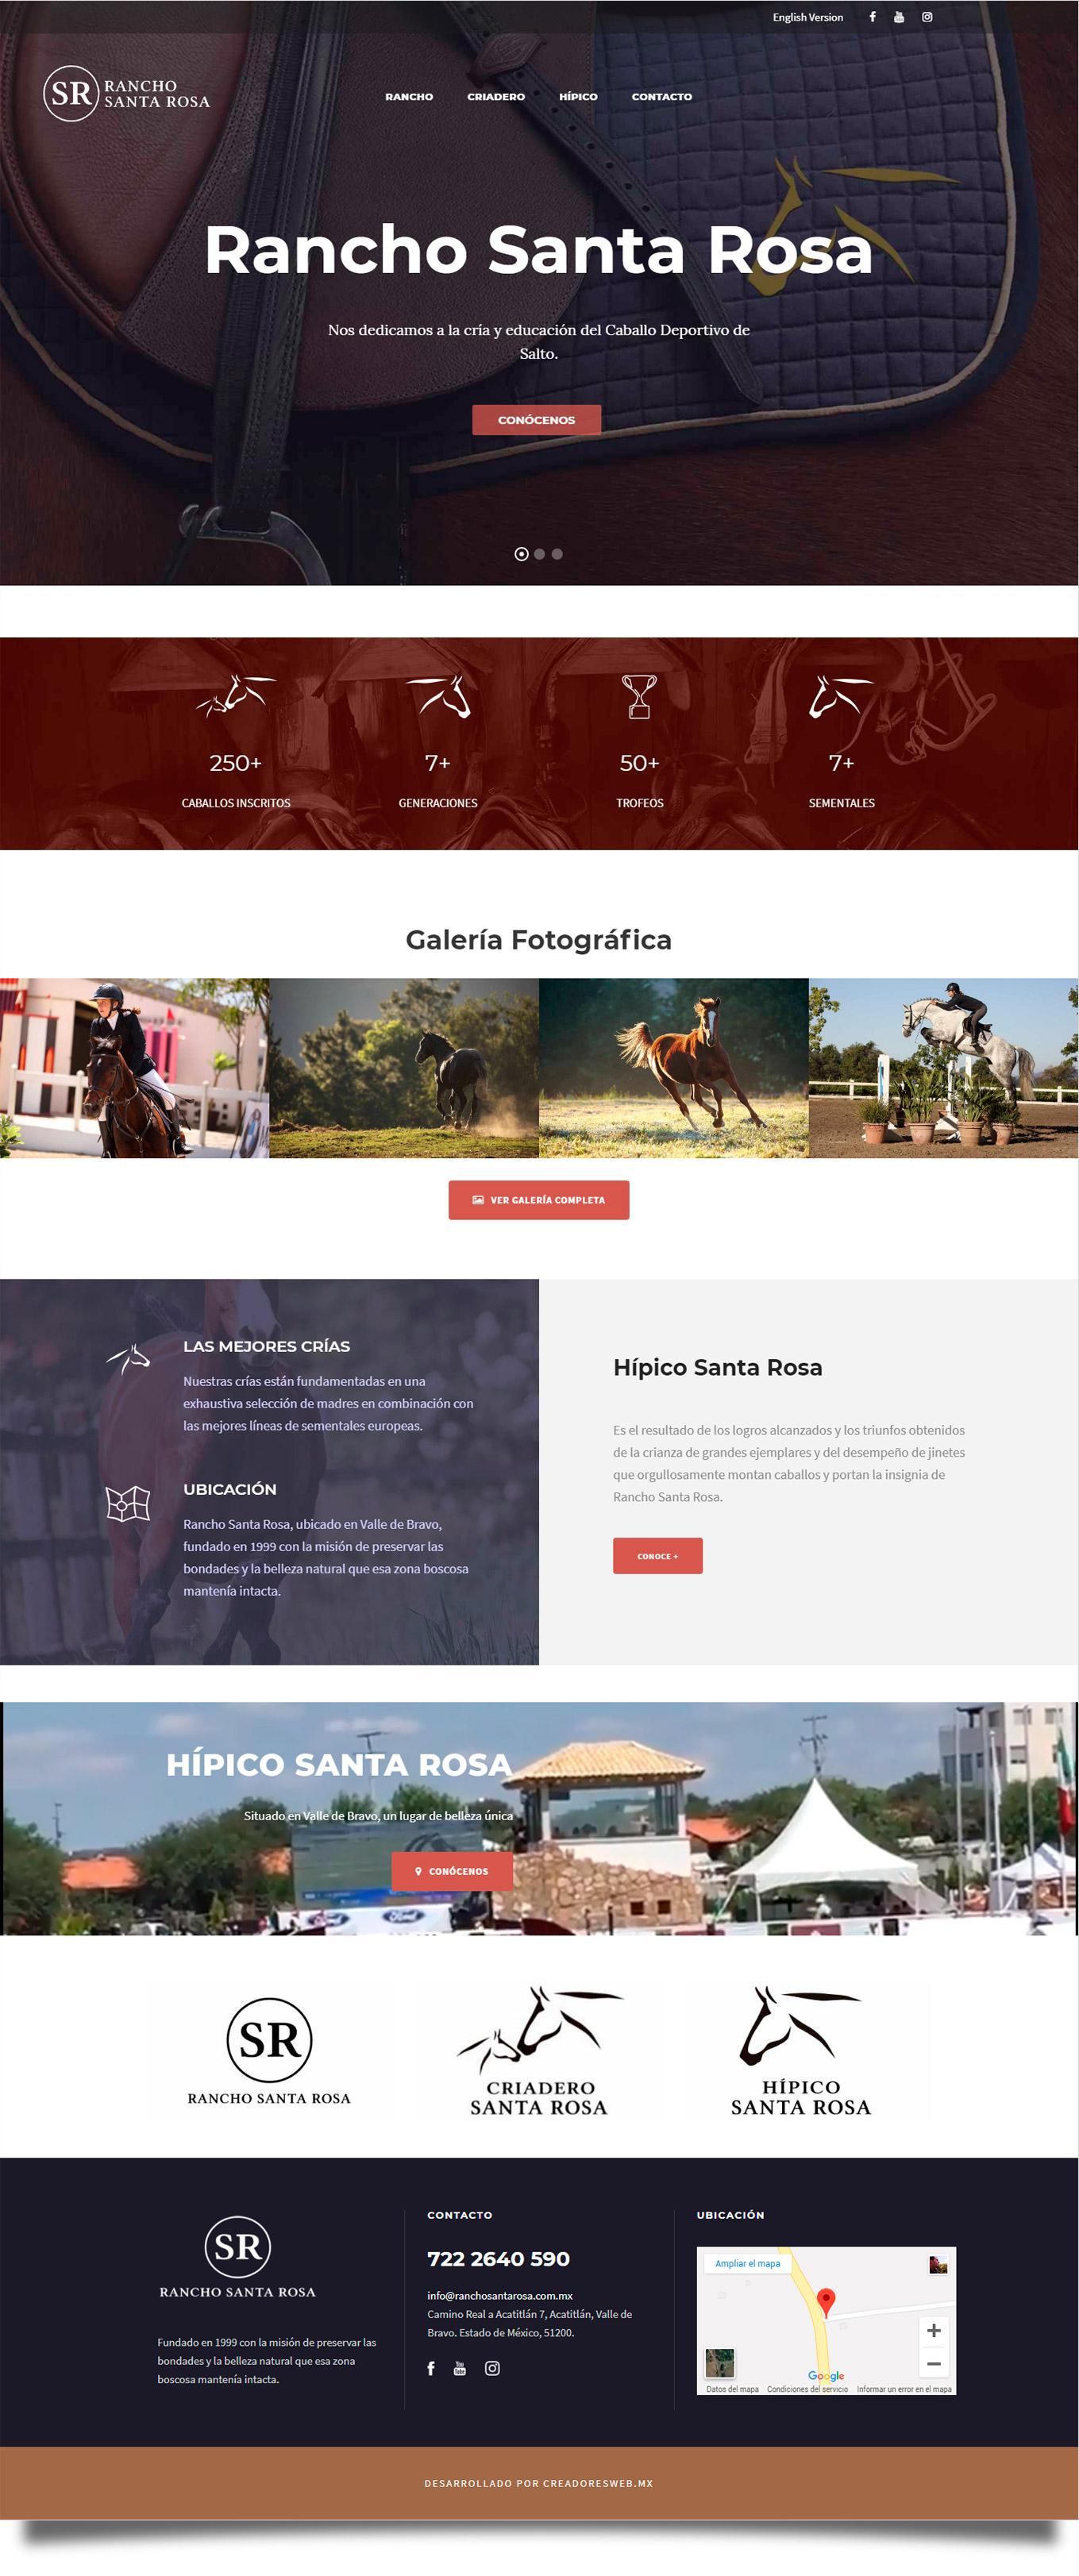 Rancho Santa Rosa - Diseño de Página Web - CreadoresWeb.mx